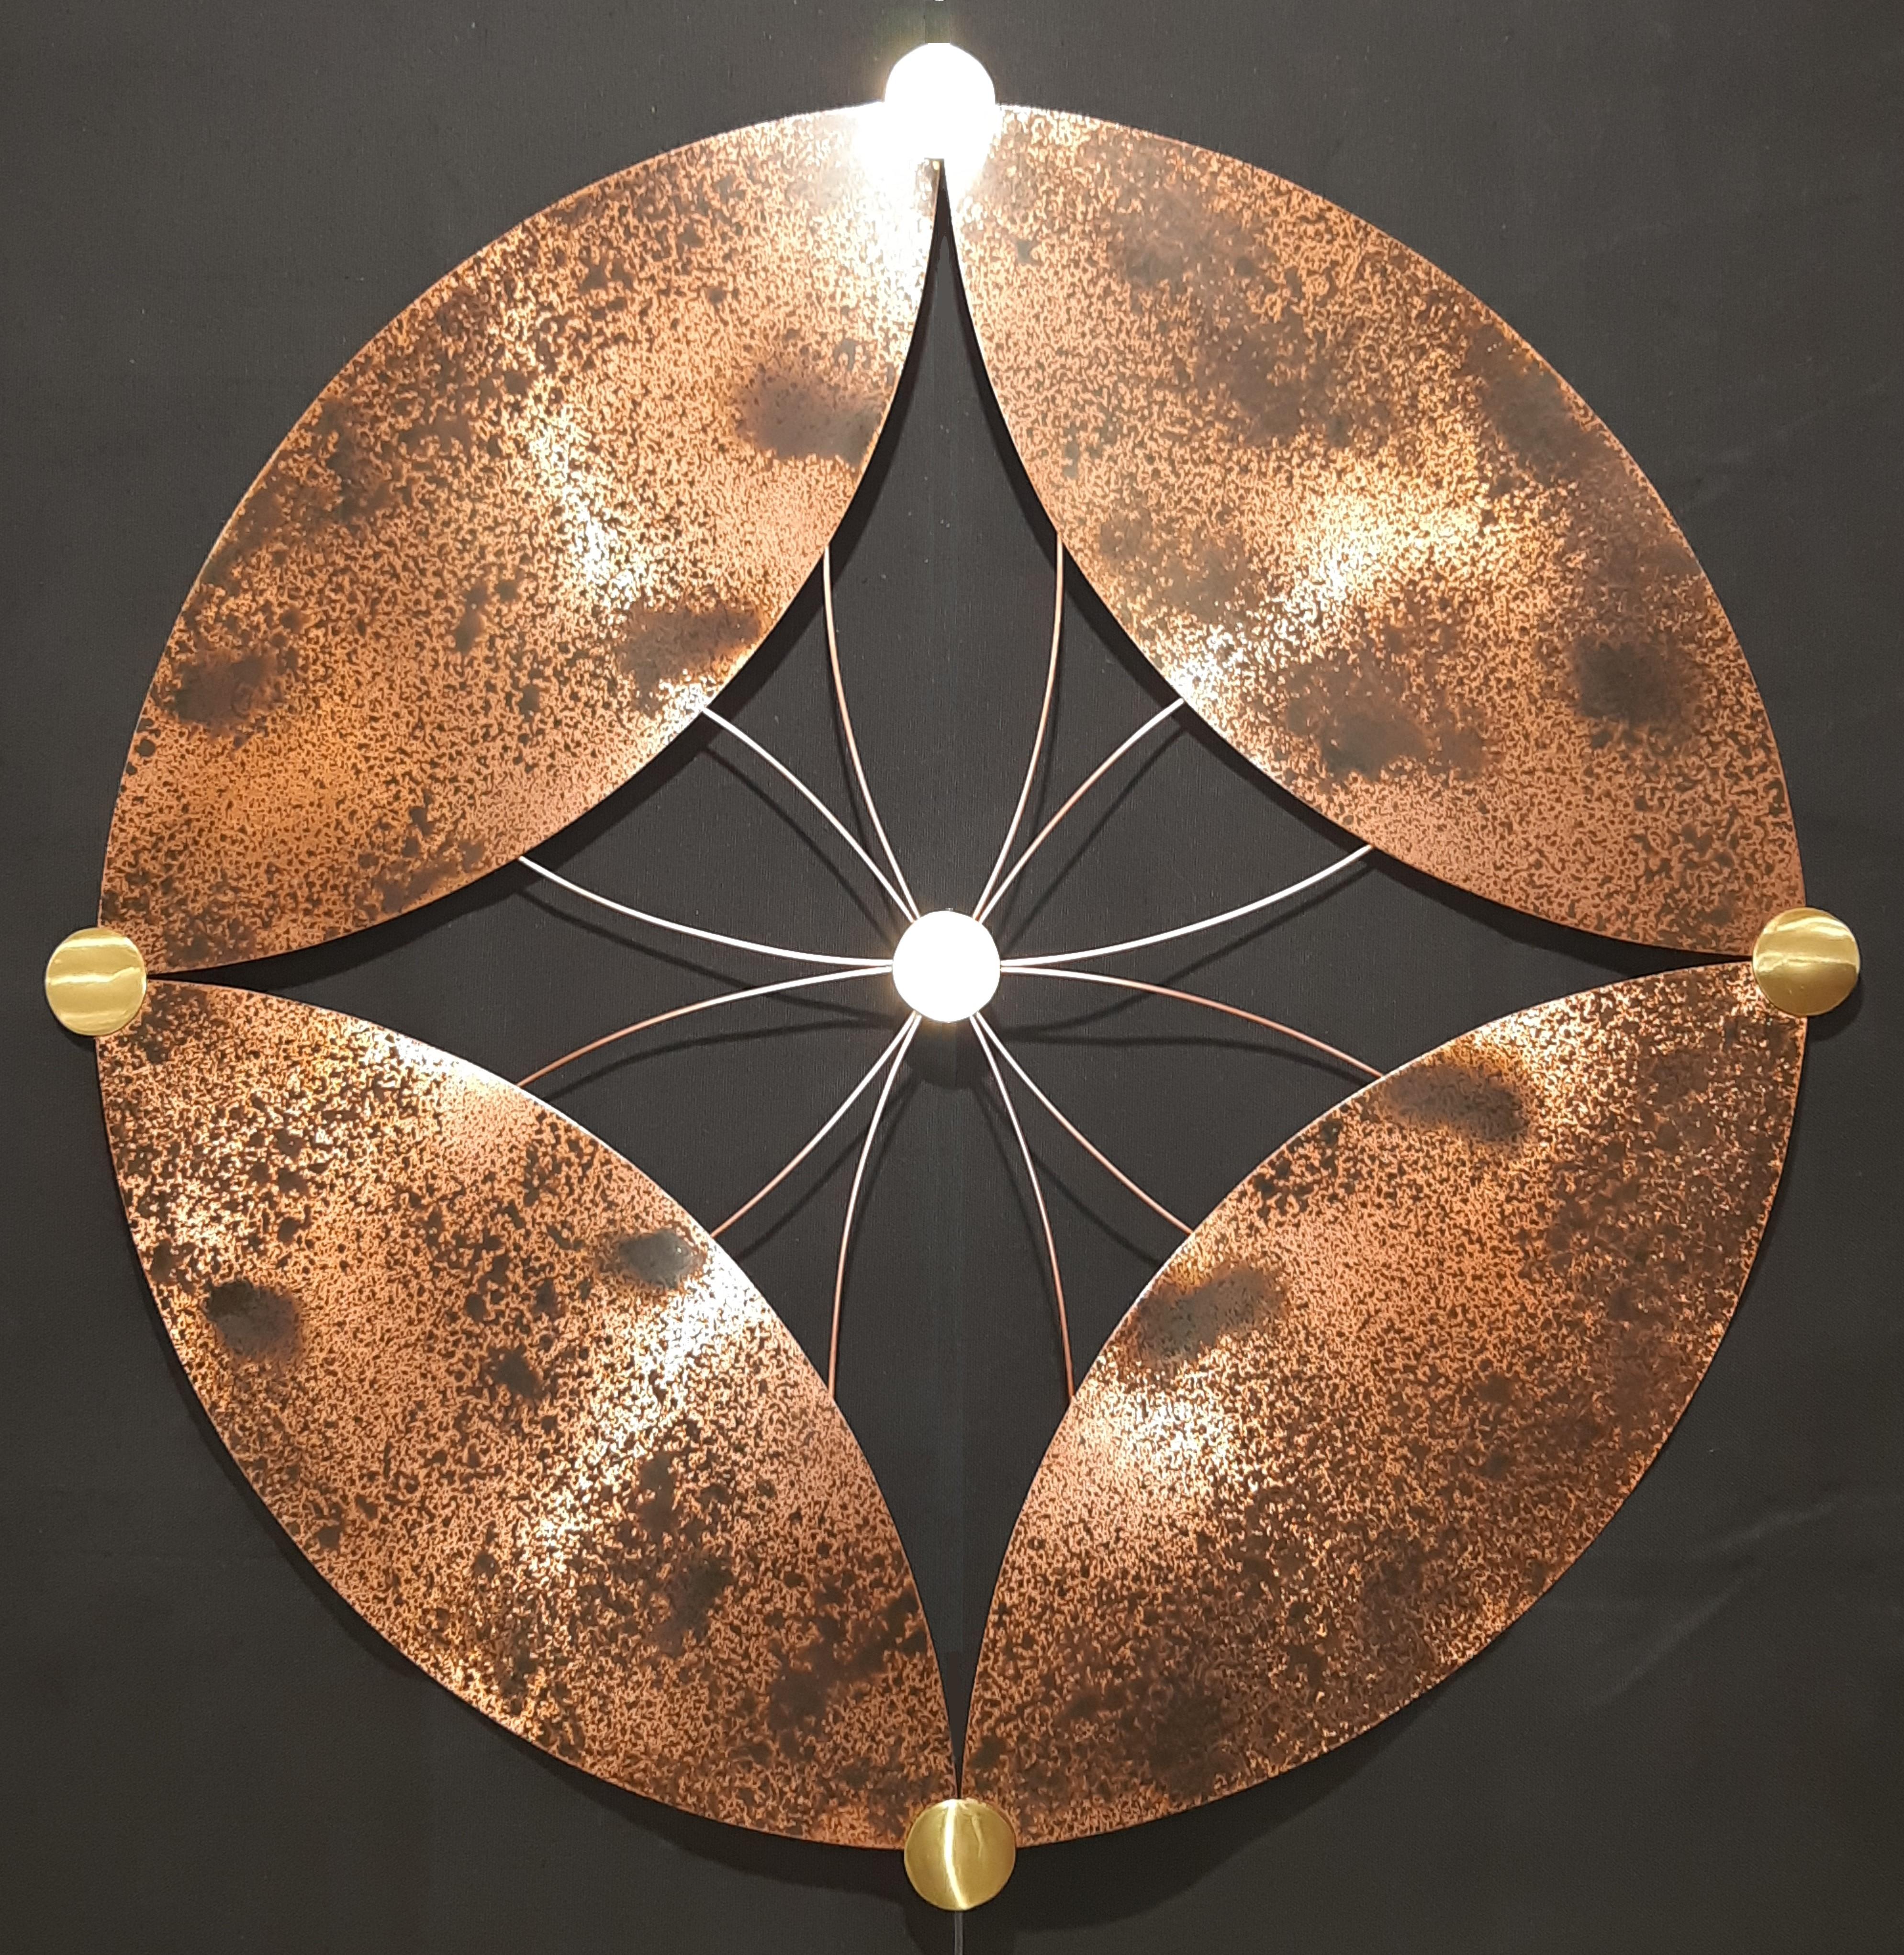 Naissance graine de vie, création murale métal, création cuivre